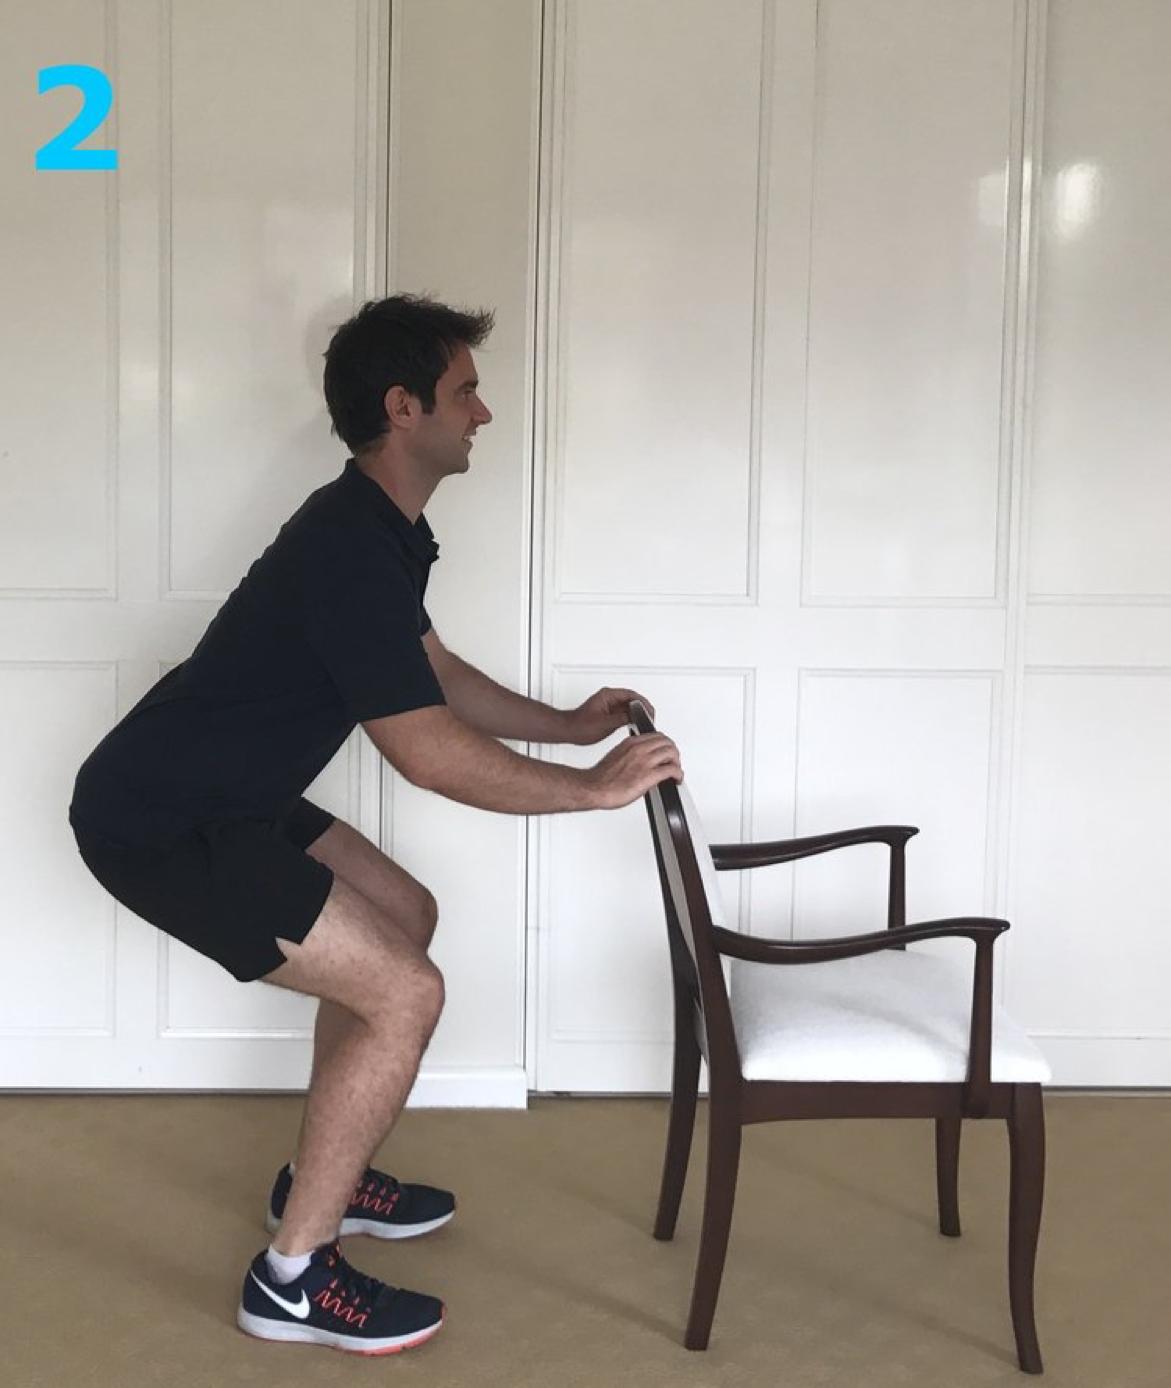 squat2.png